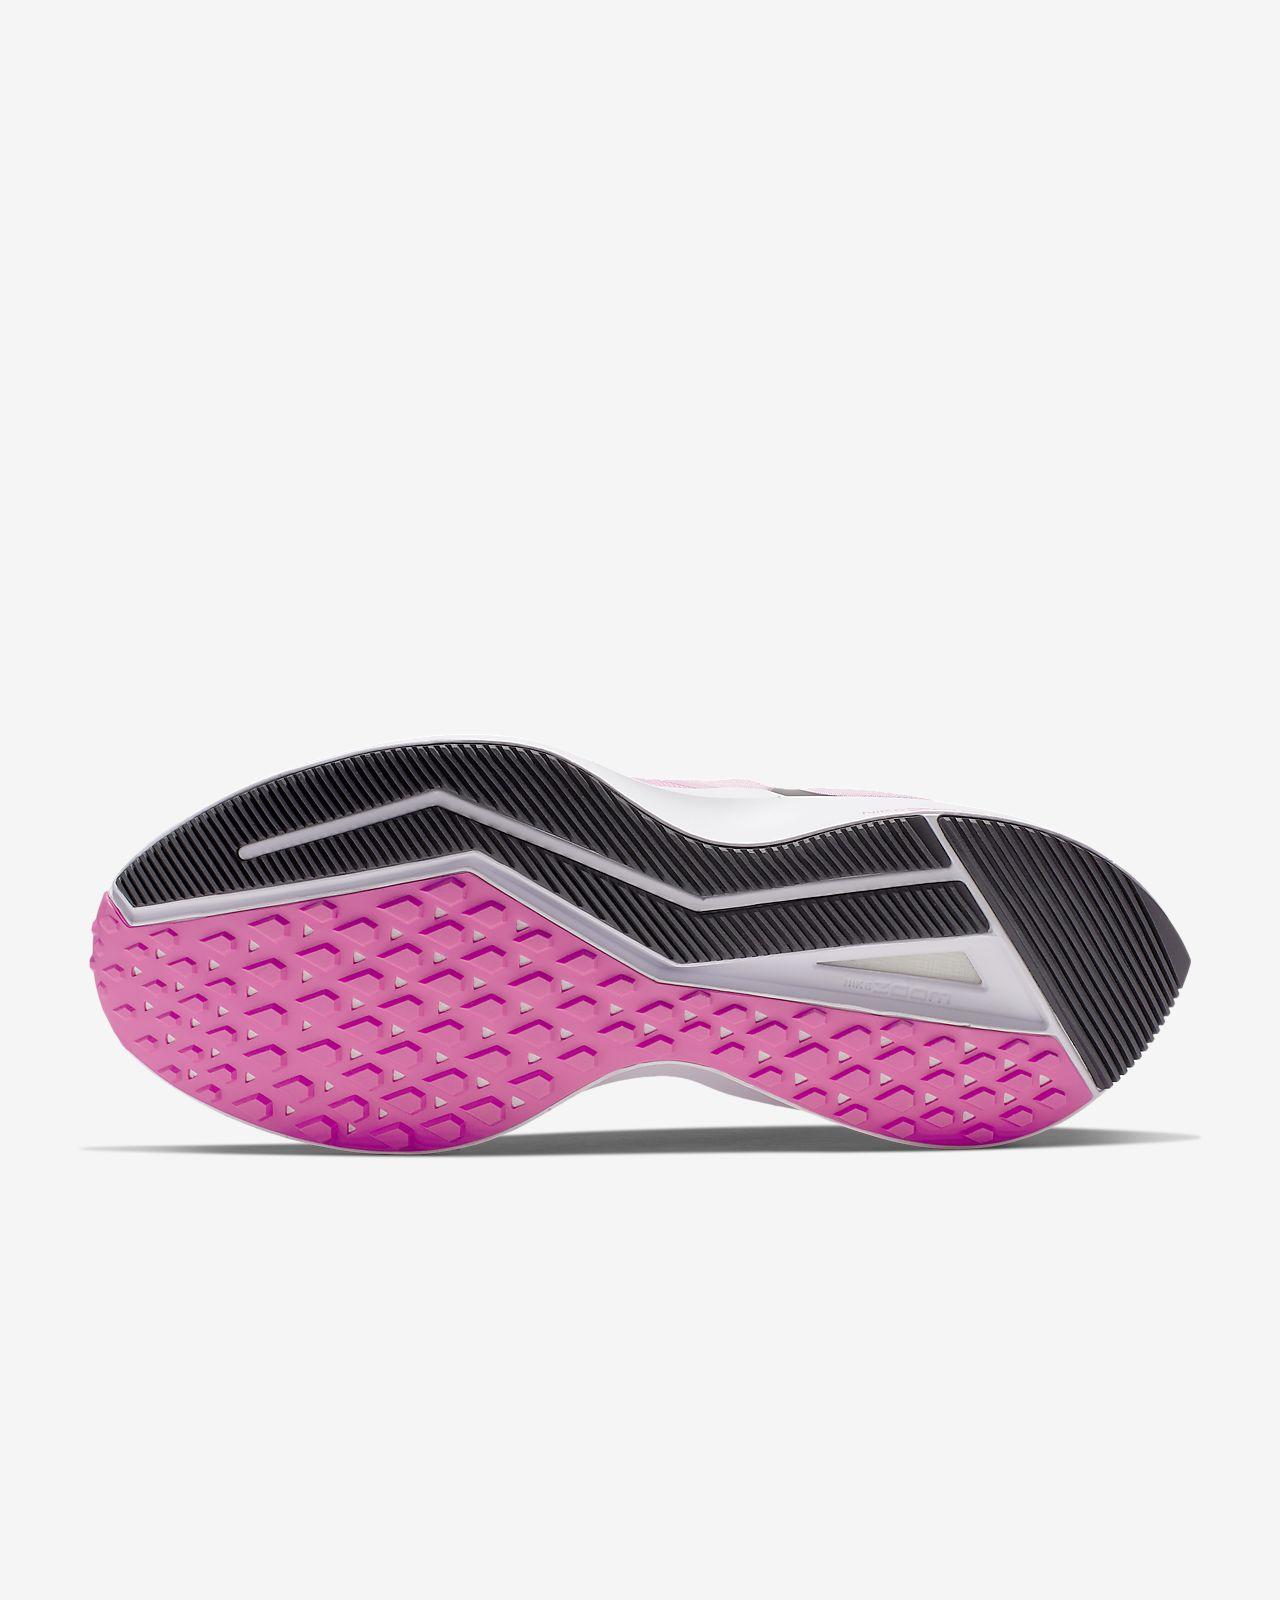 e1a23baf5a92 Nike Air Zoom Winflo 6 Women s Running Shoe. Nike.com